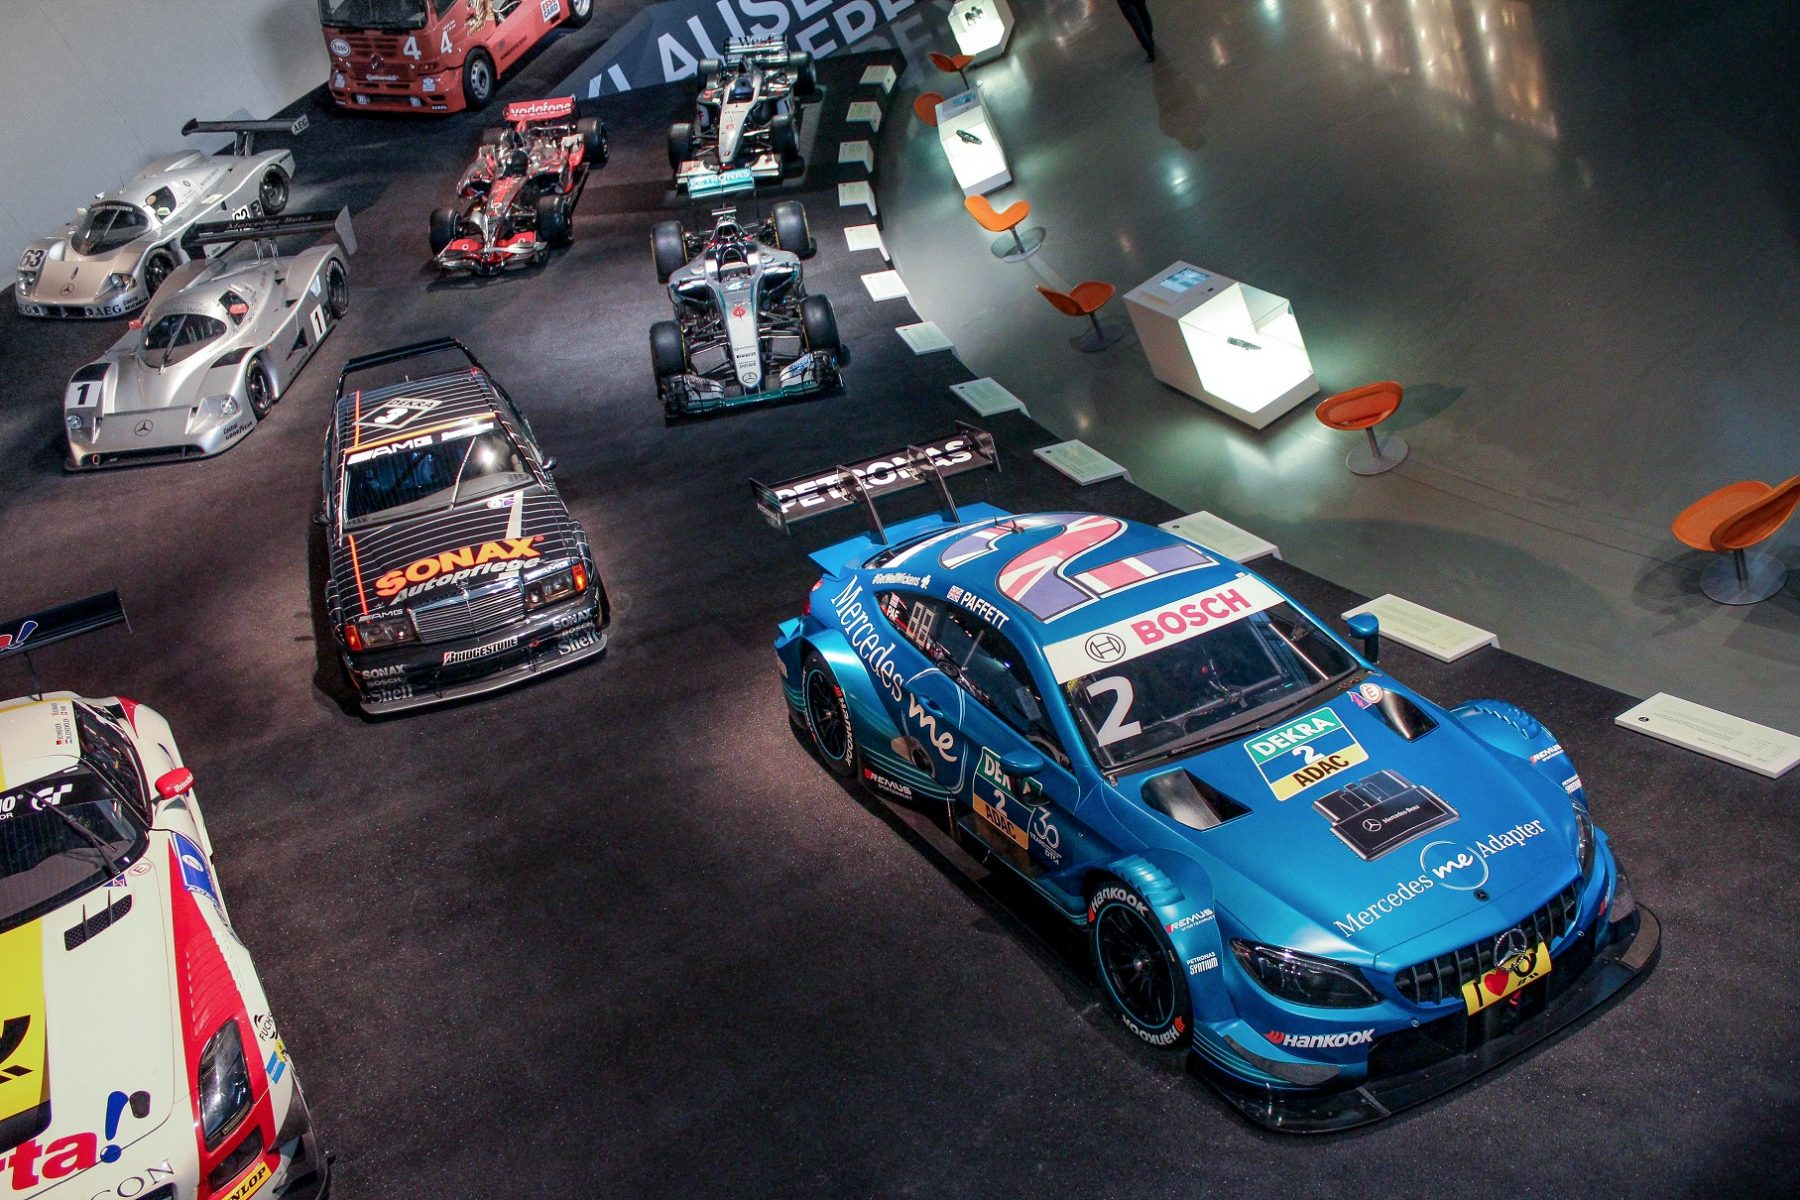 museu da mercedes carros de corrida silver arrow